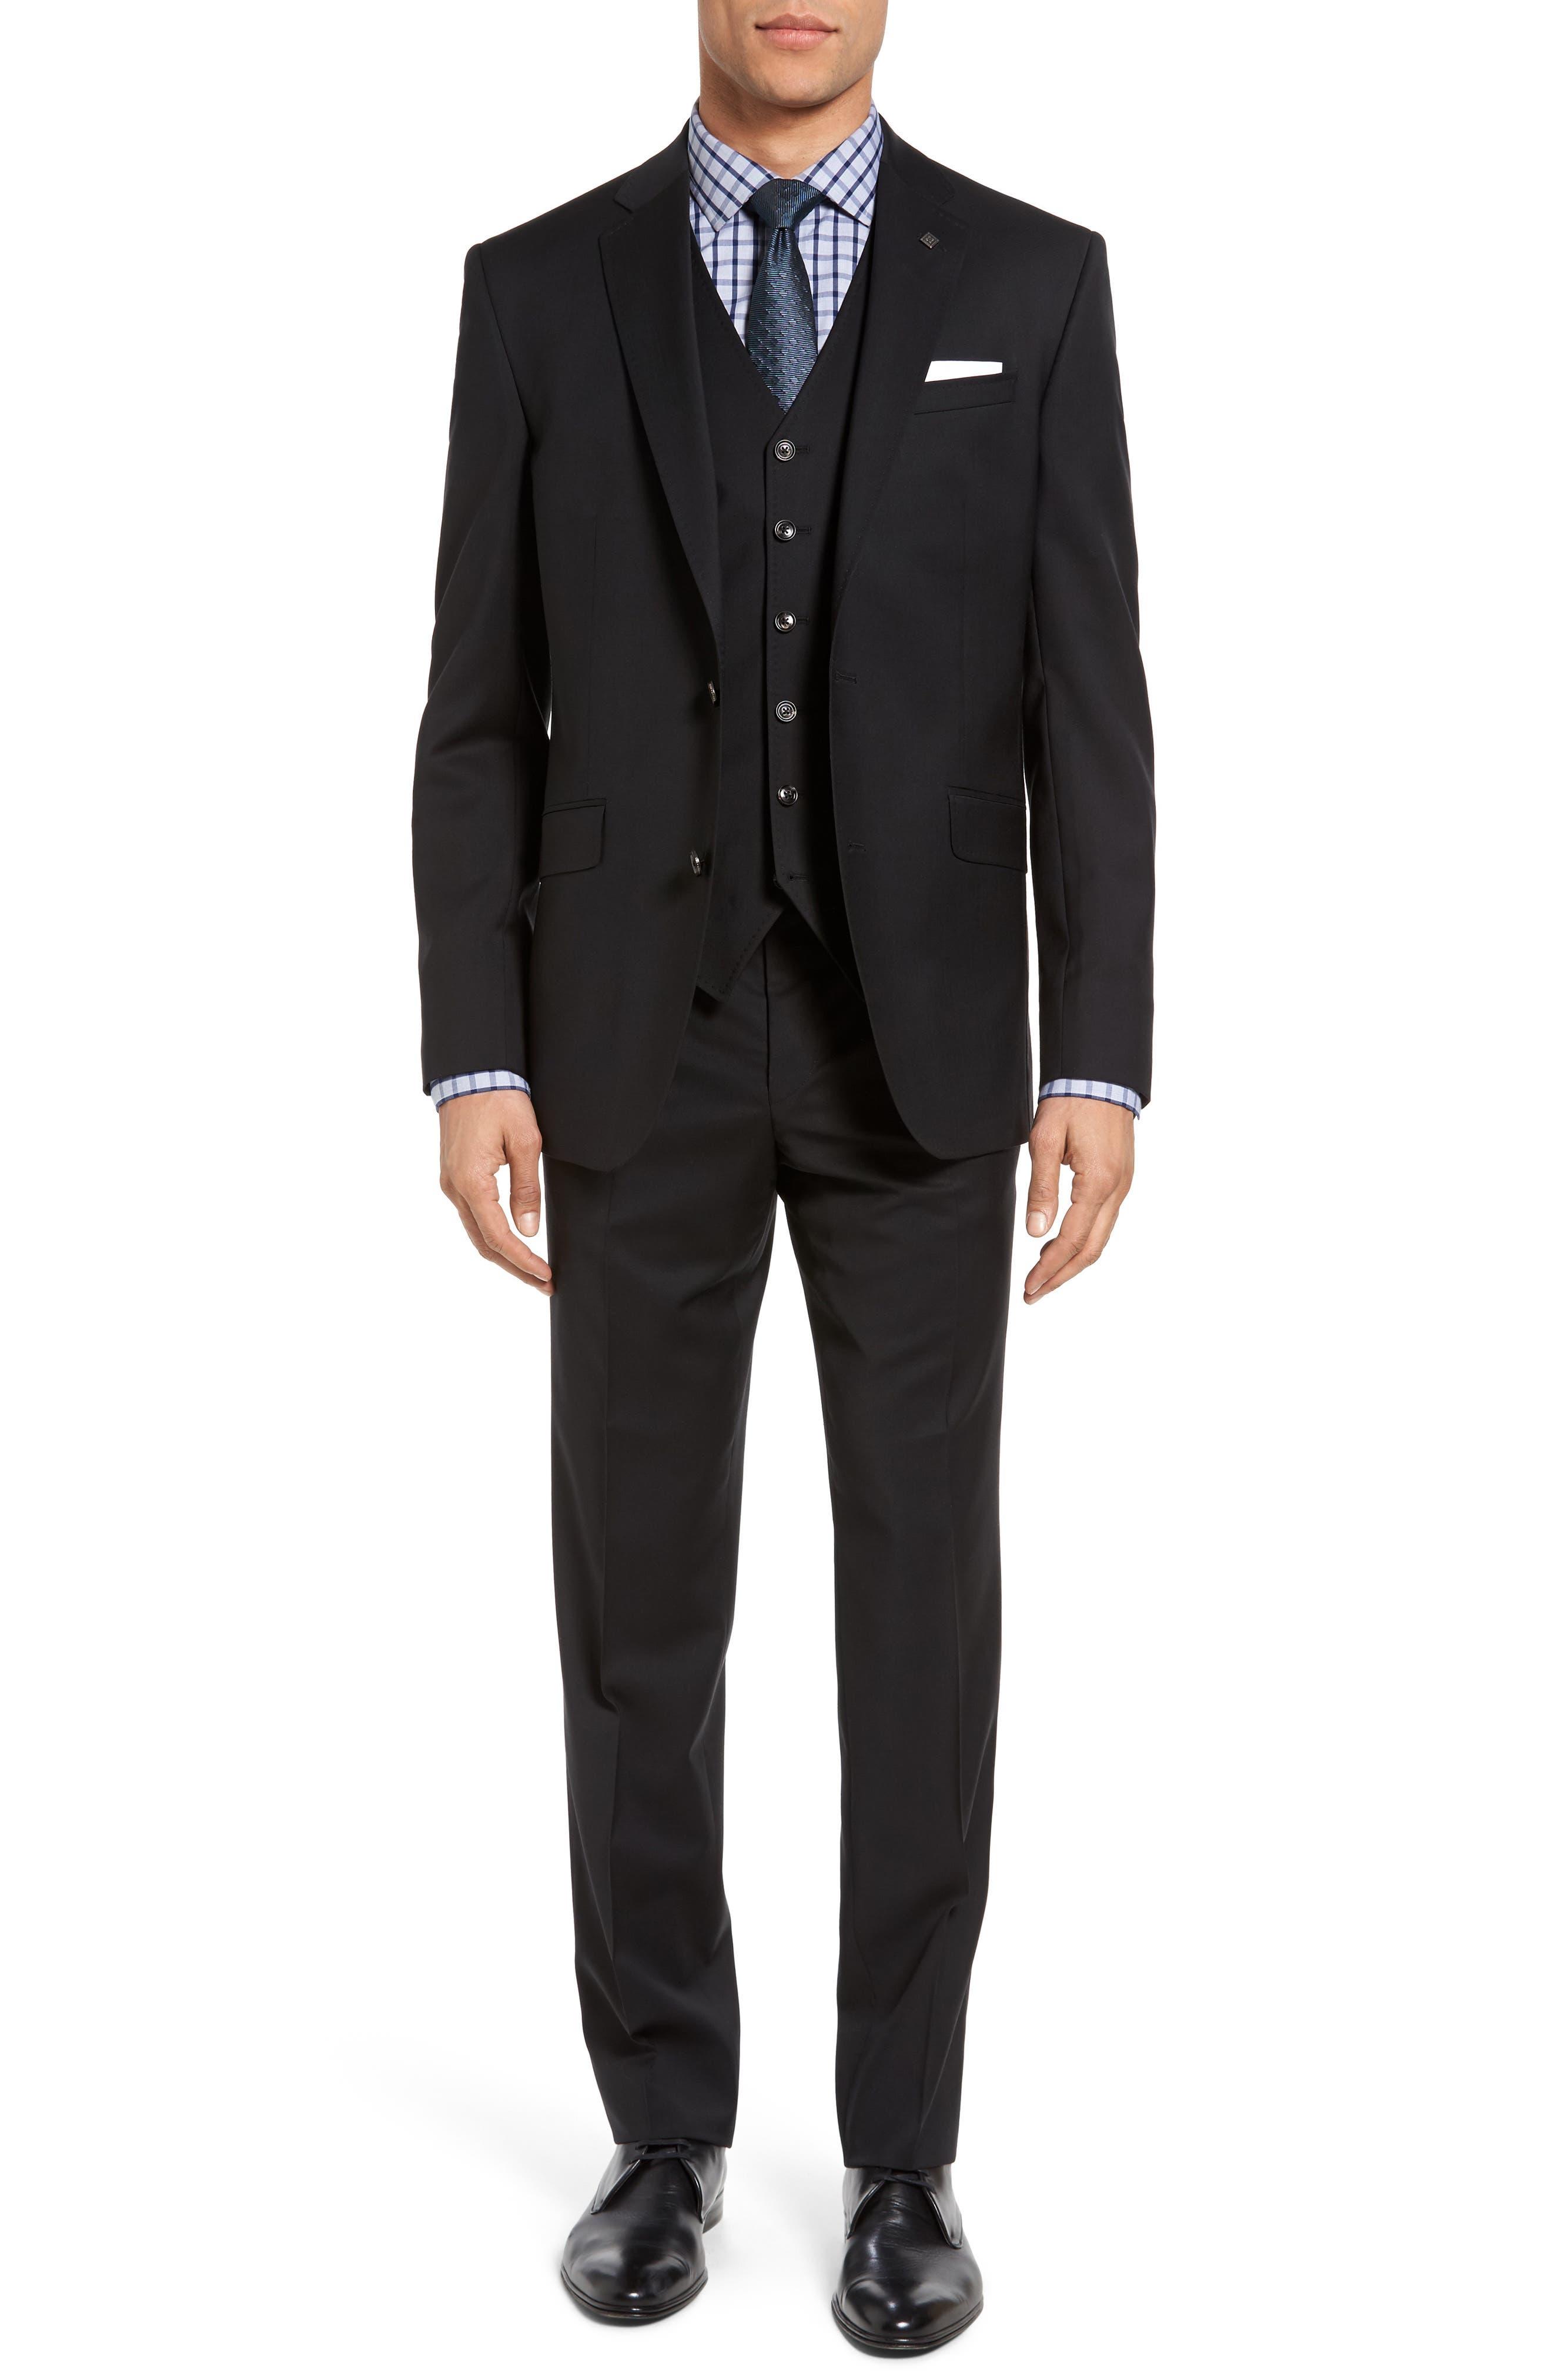 Jones Trim Fit Wool Suit,                             Alternate thumbnail 8, color,                             001